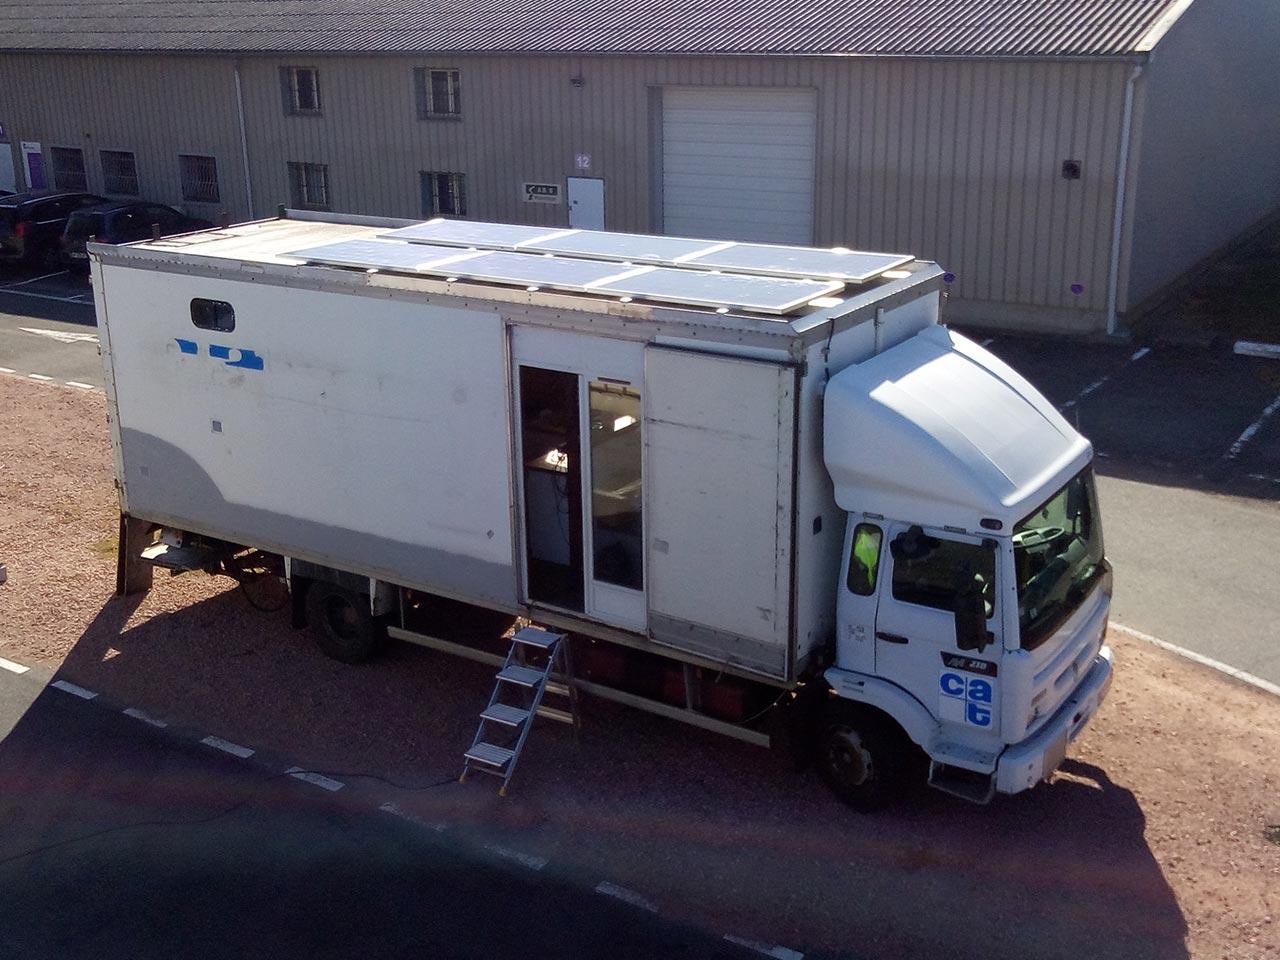 Aménagement d'un camion frigorifique à énergie solaire pour globetrotters